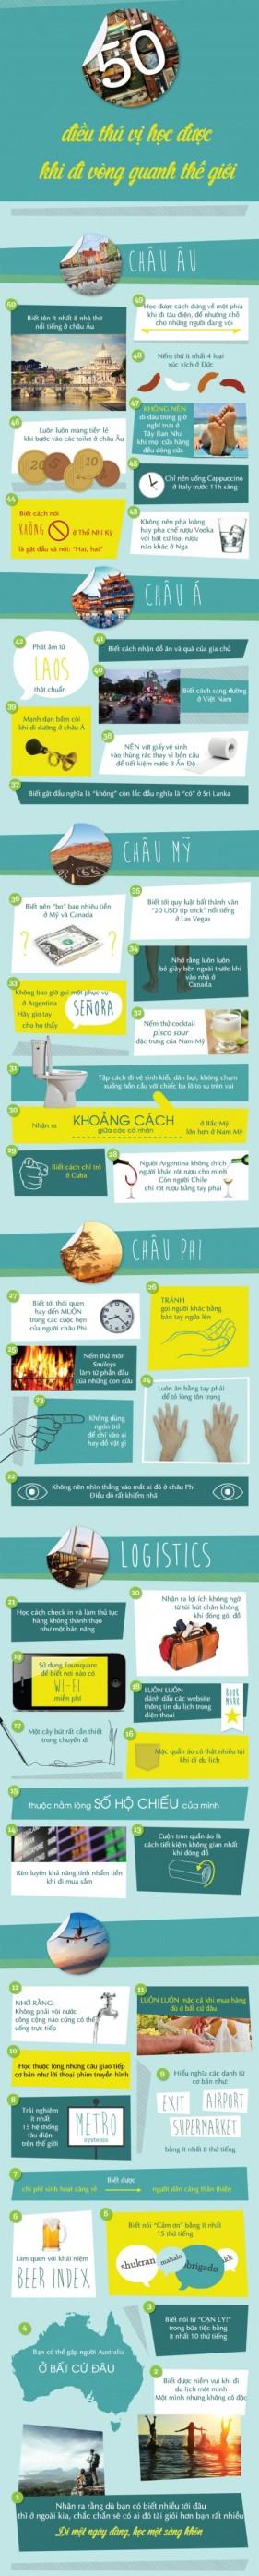 50 điều thú vị học được khi đi khắp thế giới